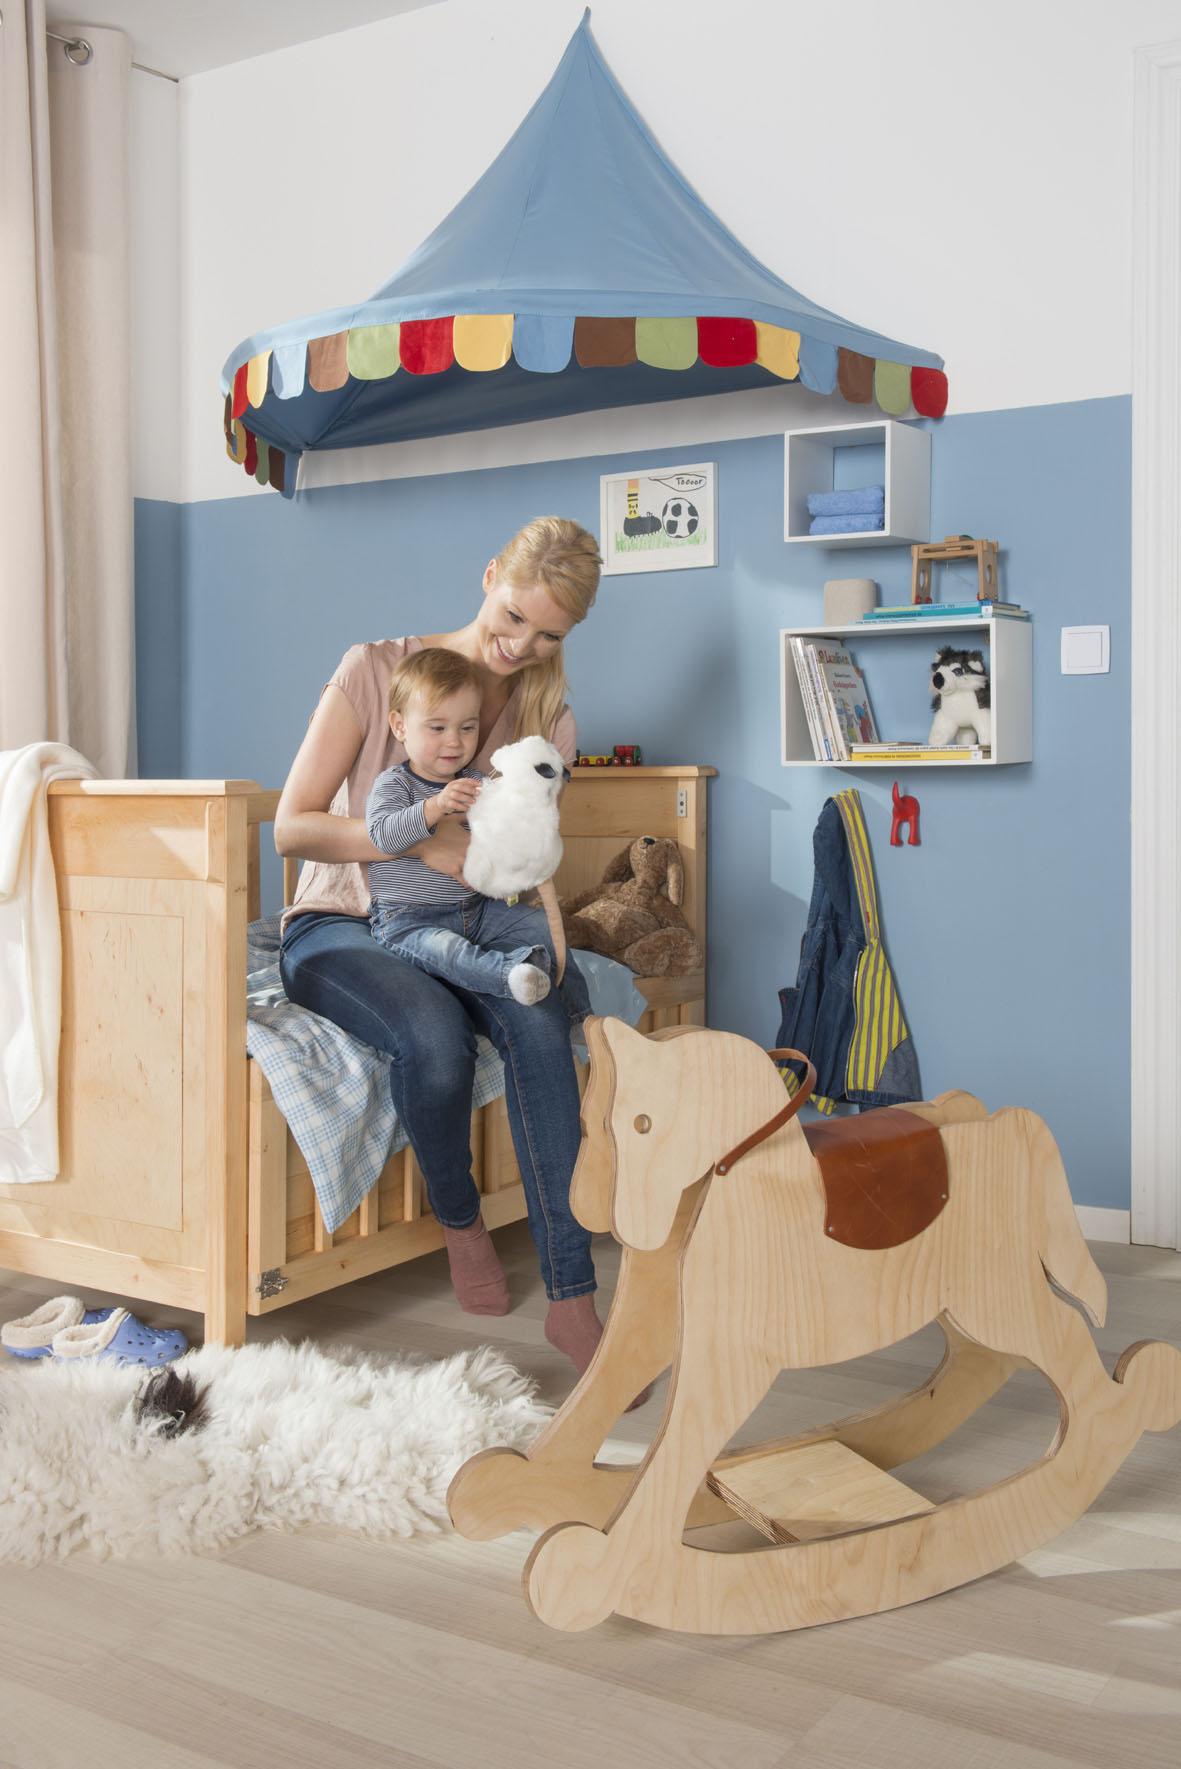 Noch mehr als in den anderen Räumen des Hauses oder der Wohnung sollten Eltern bei der Einrichtung des Kinderzimmers auf wohngesunde Möbel und Accessoires achten. Diese sollten dann genau so natürlich gepflegt werden.